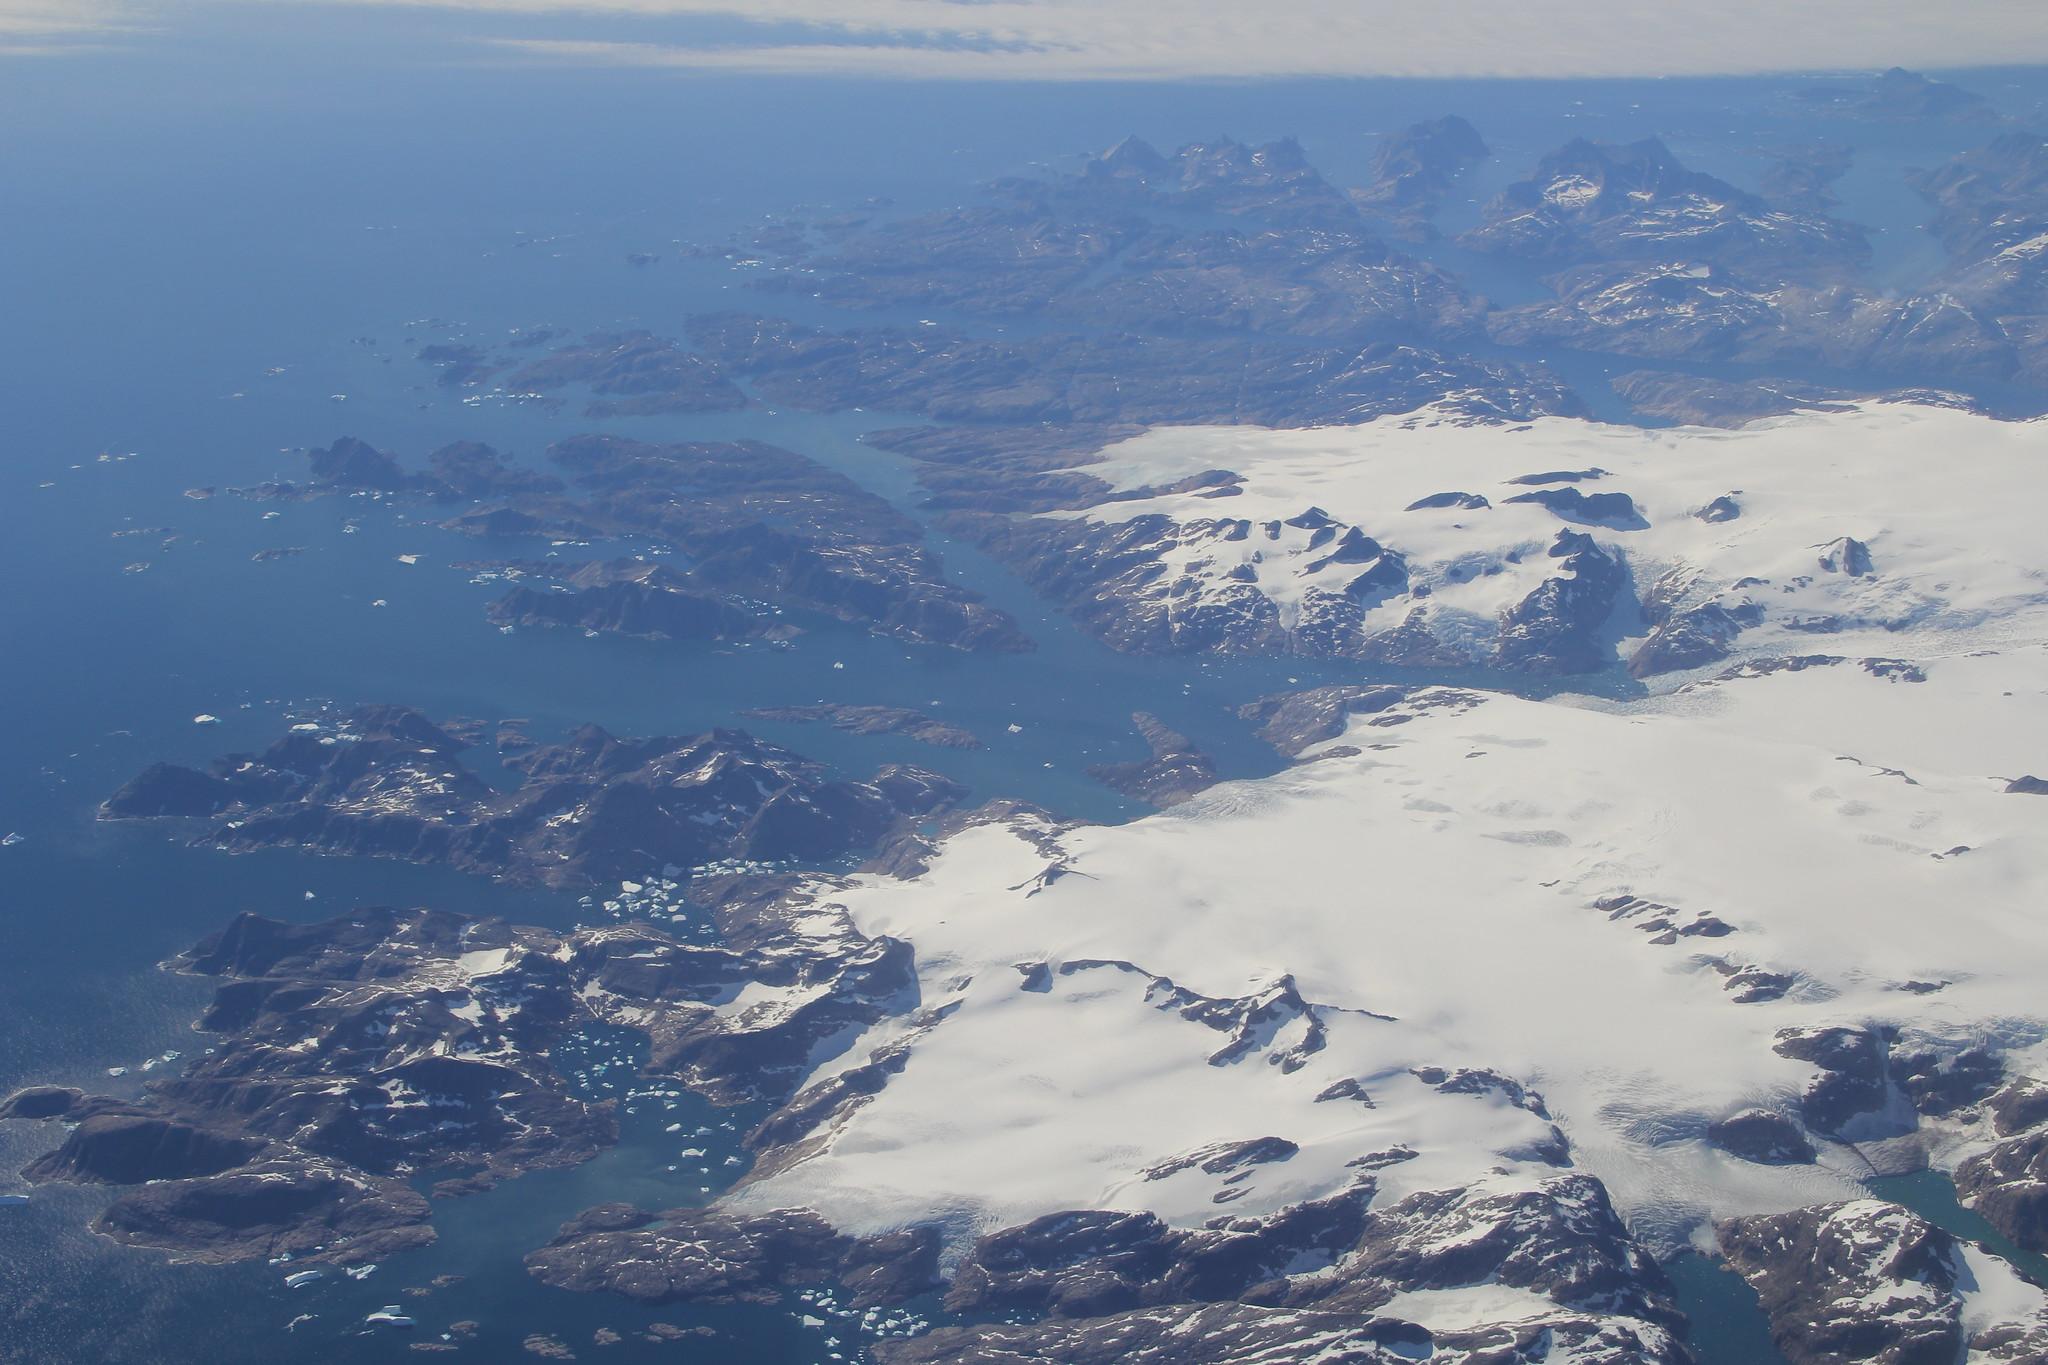 隨著熱浪往北移動,格陵蘭冰層逐漸融化 圖╱Terry Feuerborn (CC BY-NC 2.0)